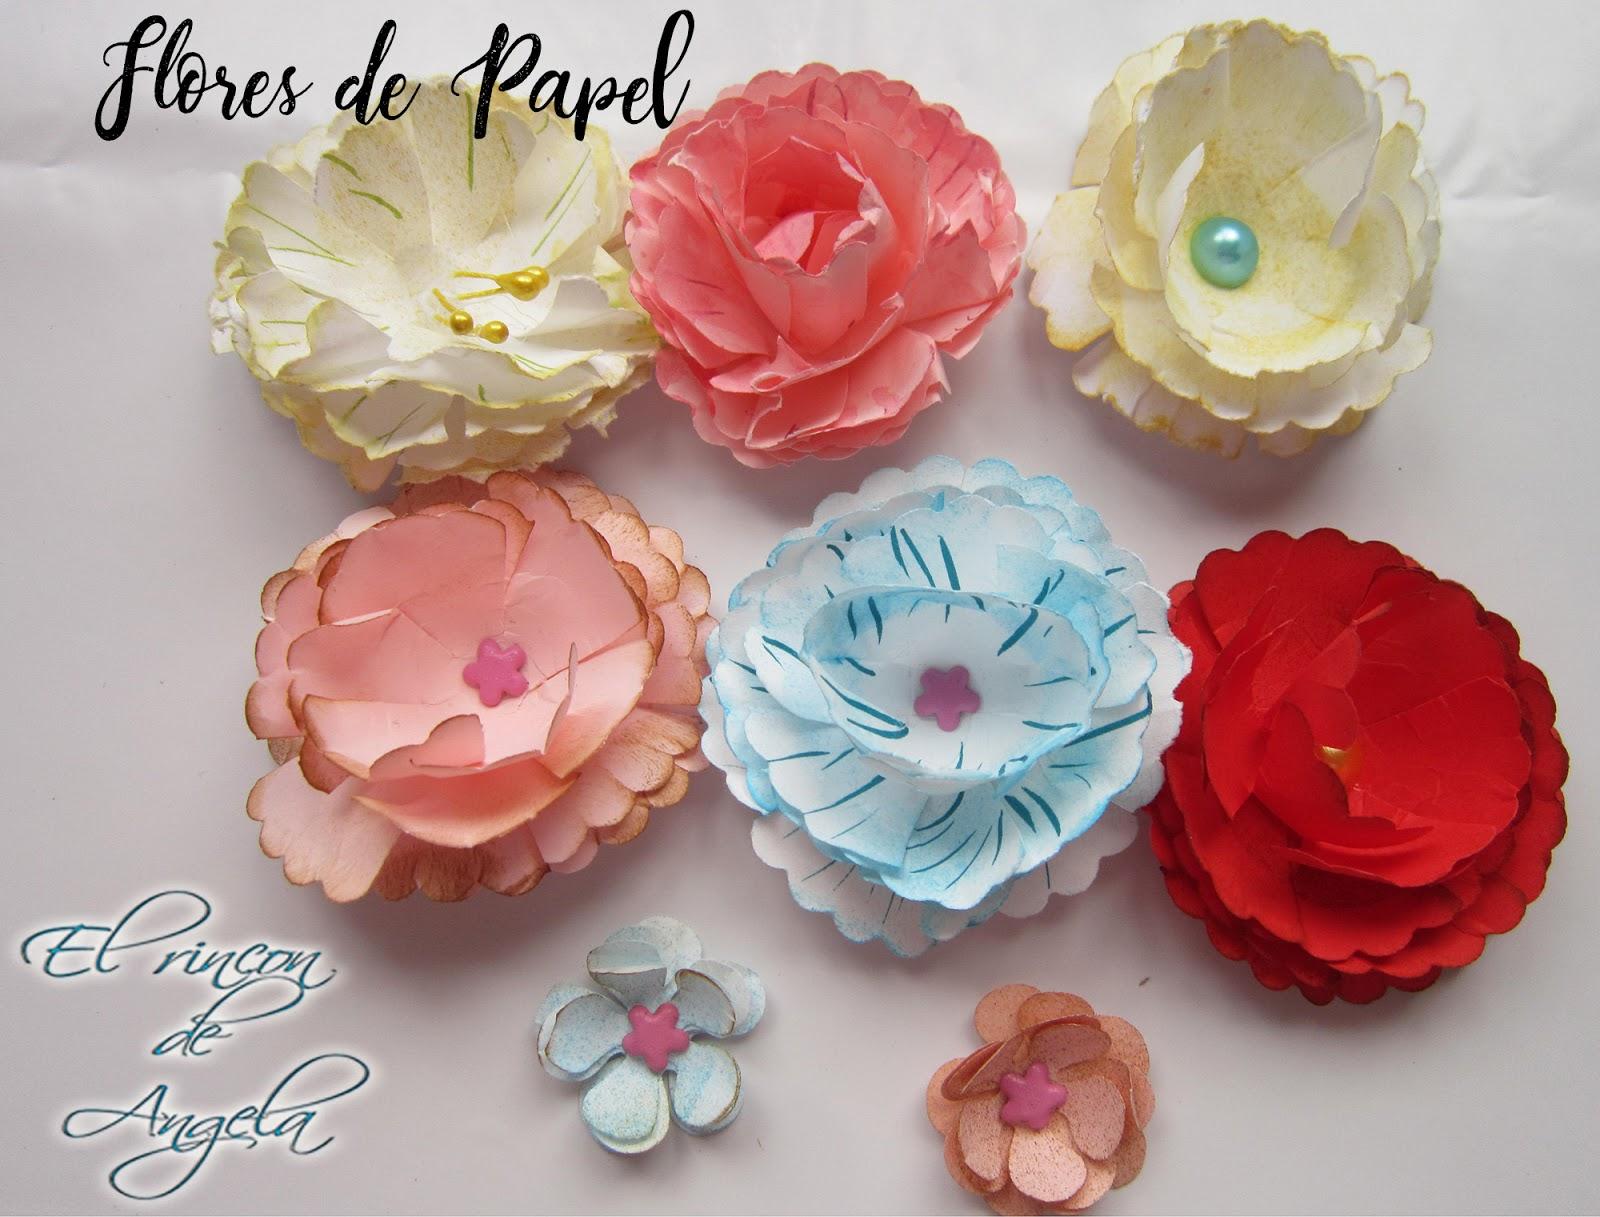 El Rincon de Angela Como hacer flores de papel estilo vintage muy facil